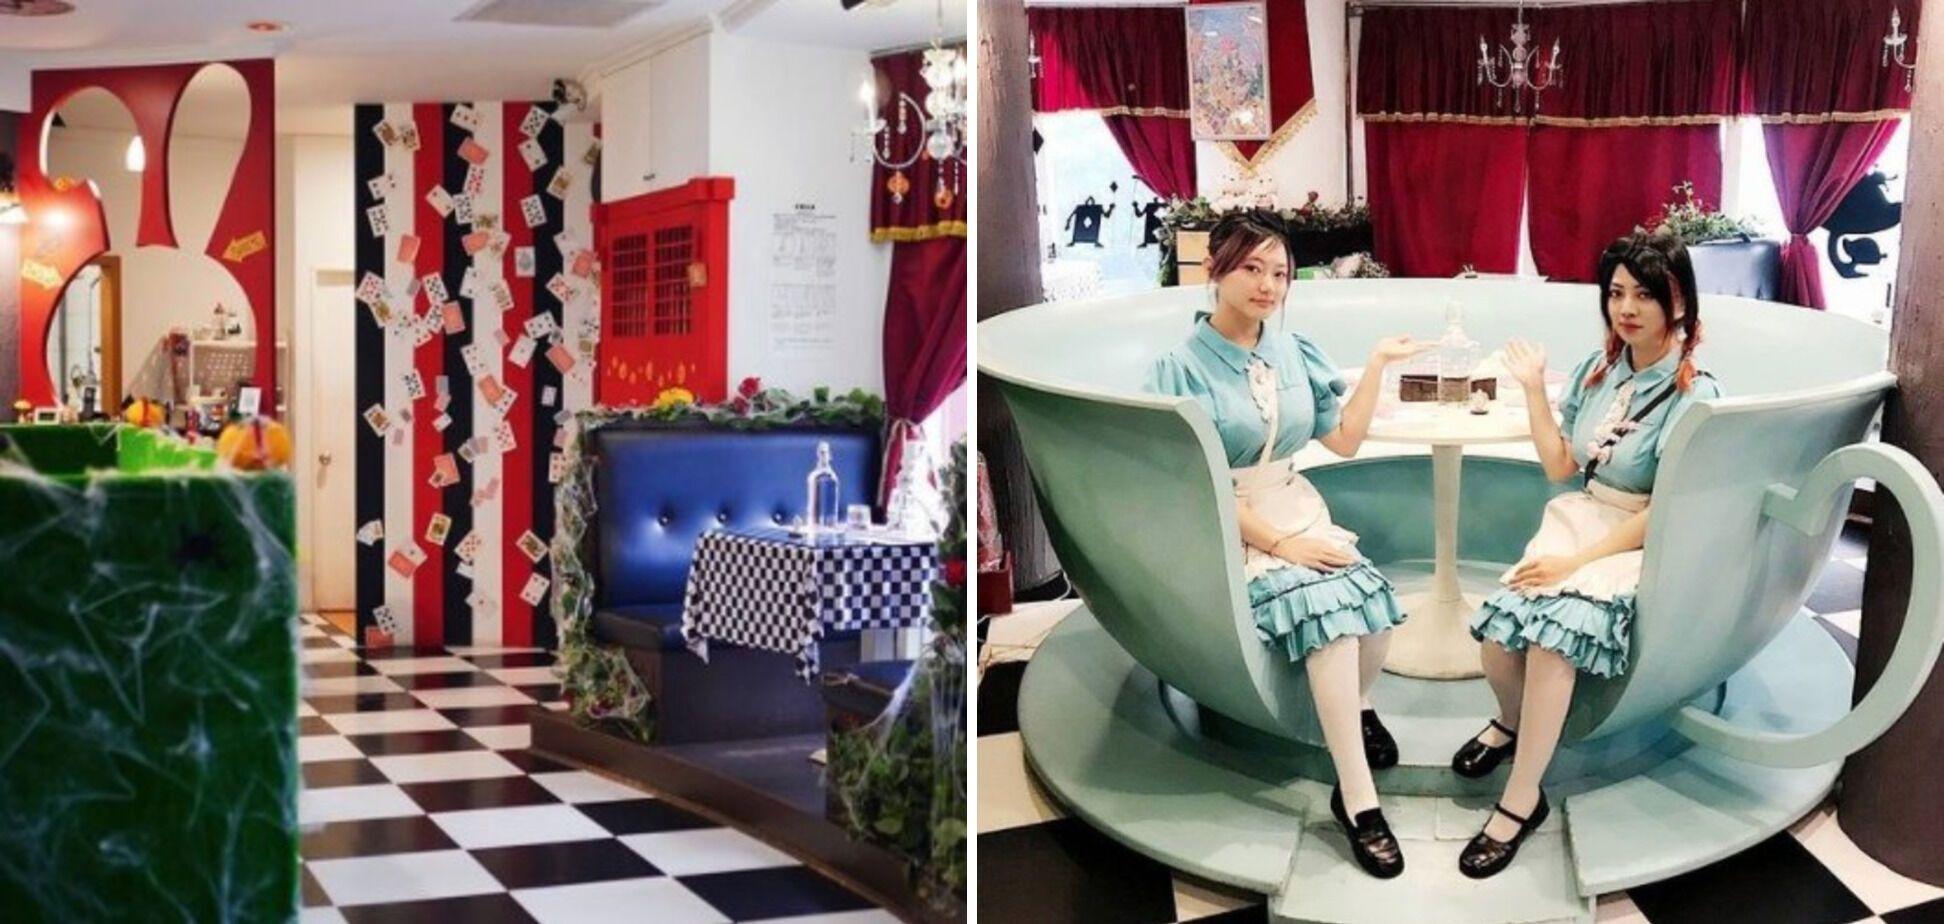 """Кофейня, где посетители могут """"окунуться в сказку""""."""